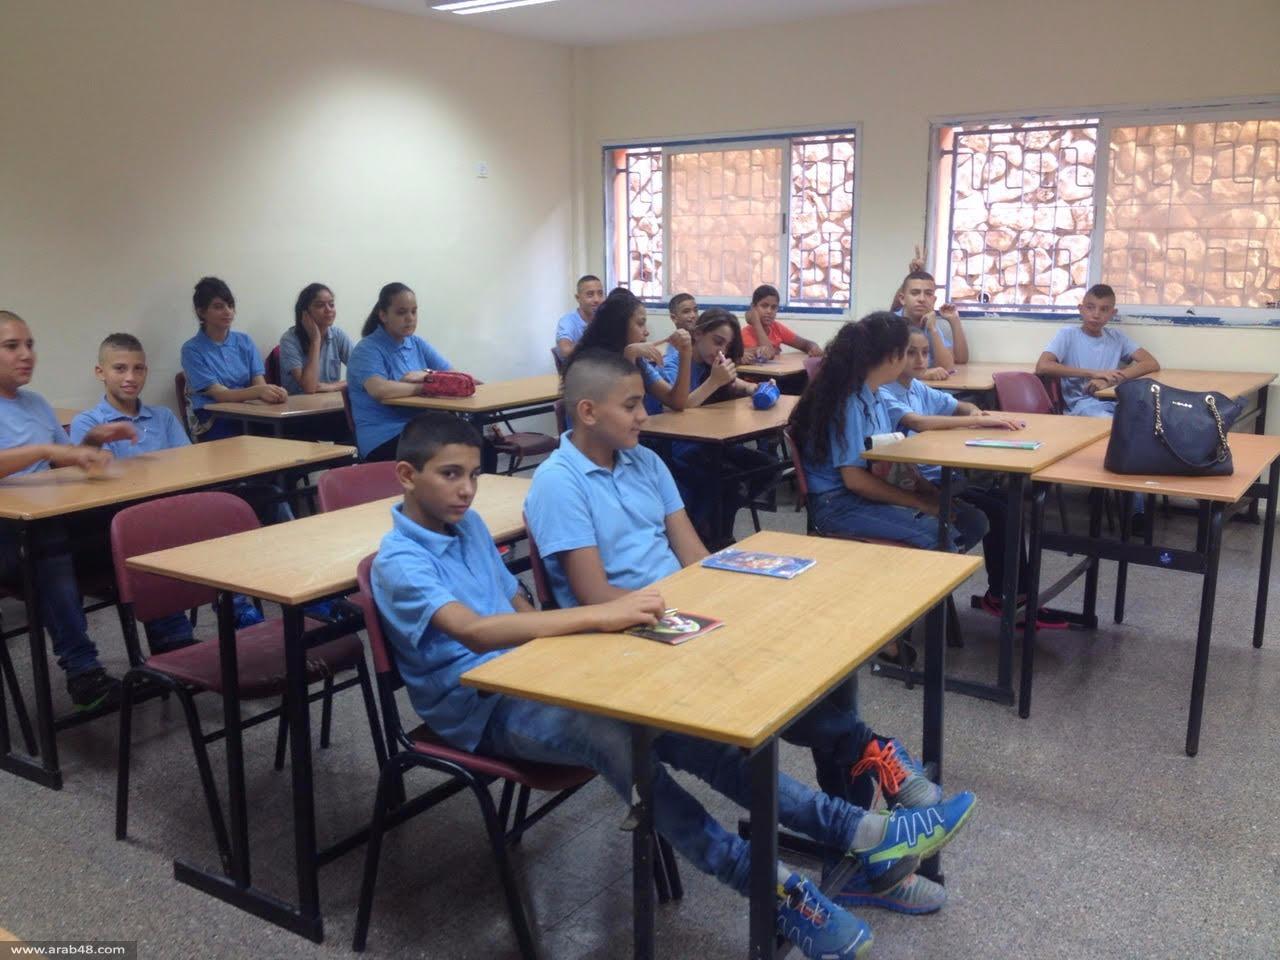 الناصرة: انتظام الدراسة في المدارس الرسمية وإضراب بالأهليّة